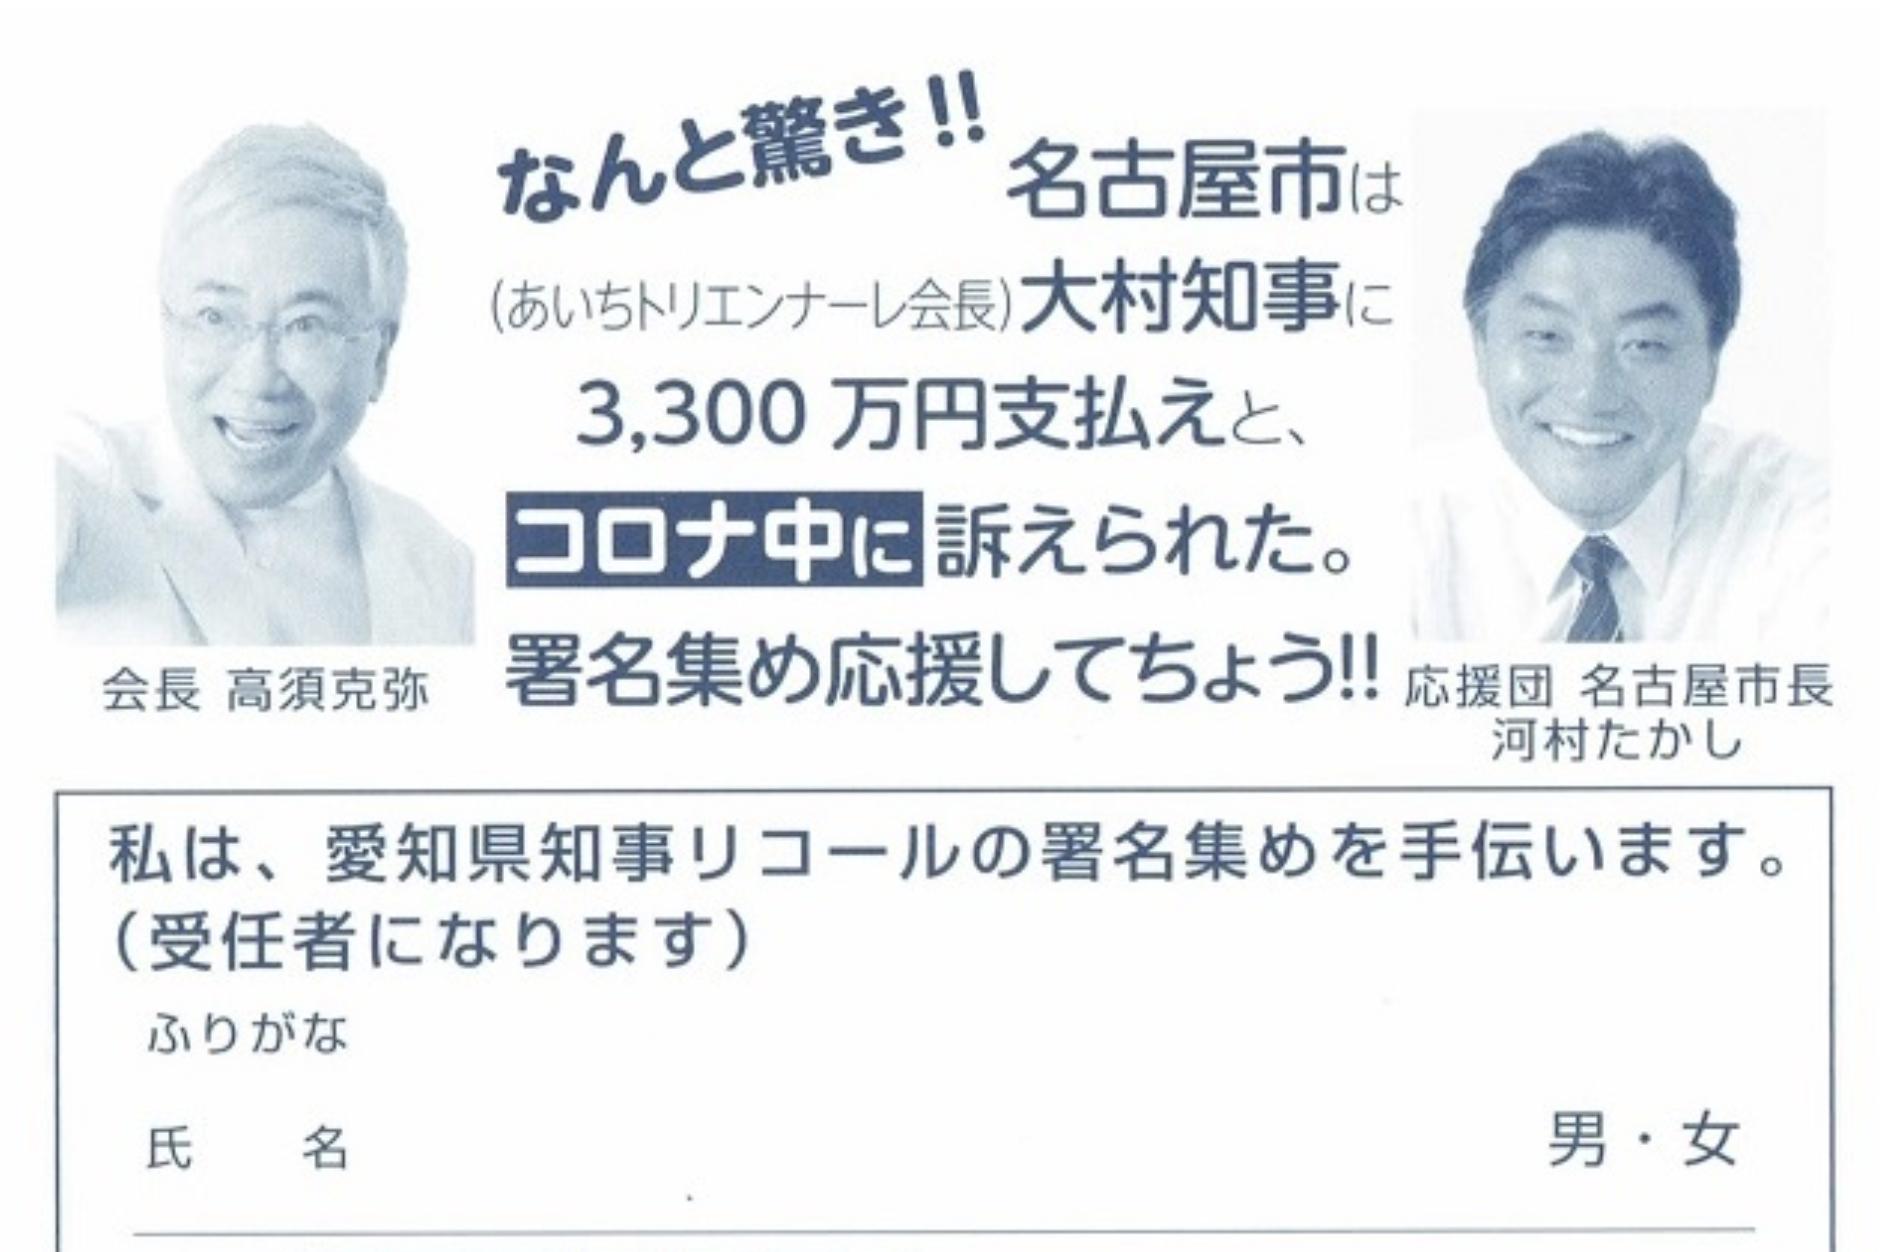 克弥 リコール 高須 きっかけは高須院長らの不自由展批判 リコール署名活動:朝日新聞デジタル